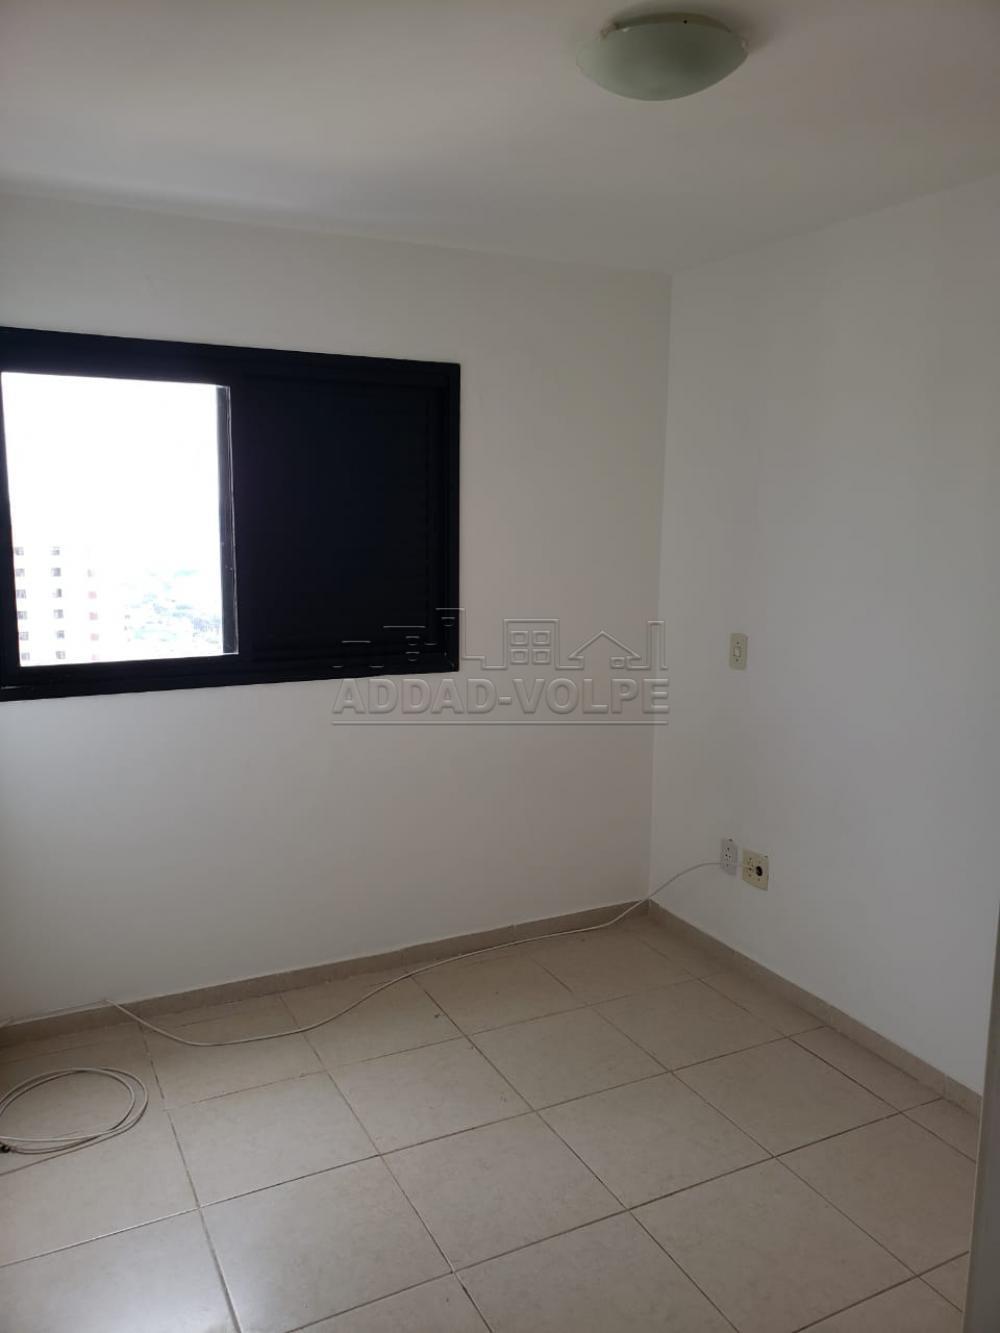 Alugar Apartamento / Cobertura em Bauru apenas R$ 1.500,00 - Foto 8